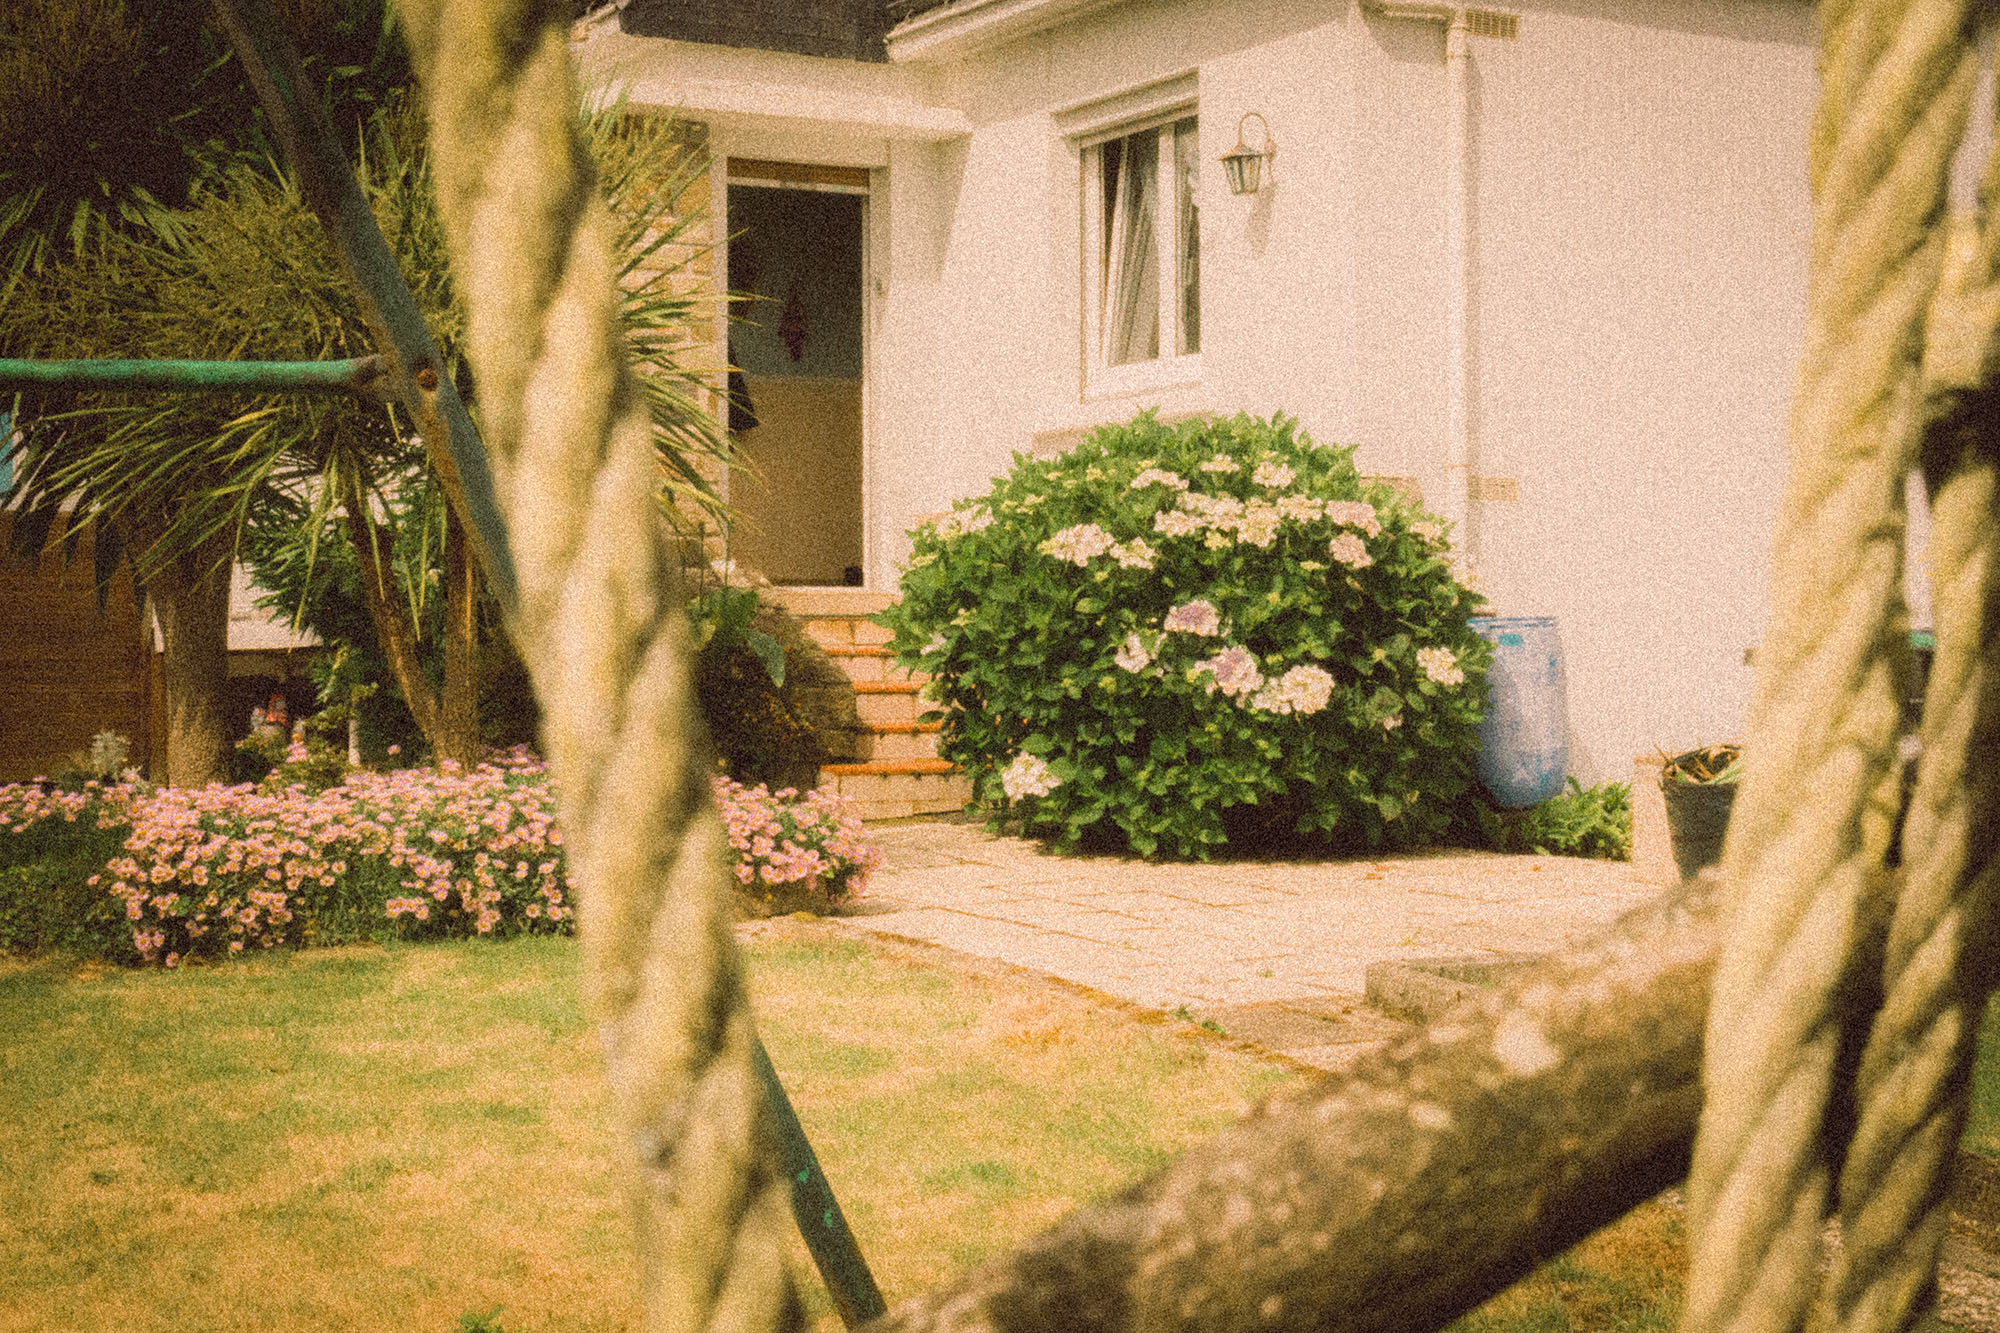 Maison d'enfance en Bretagne